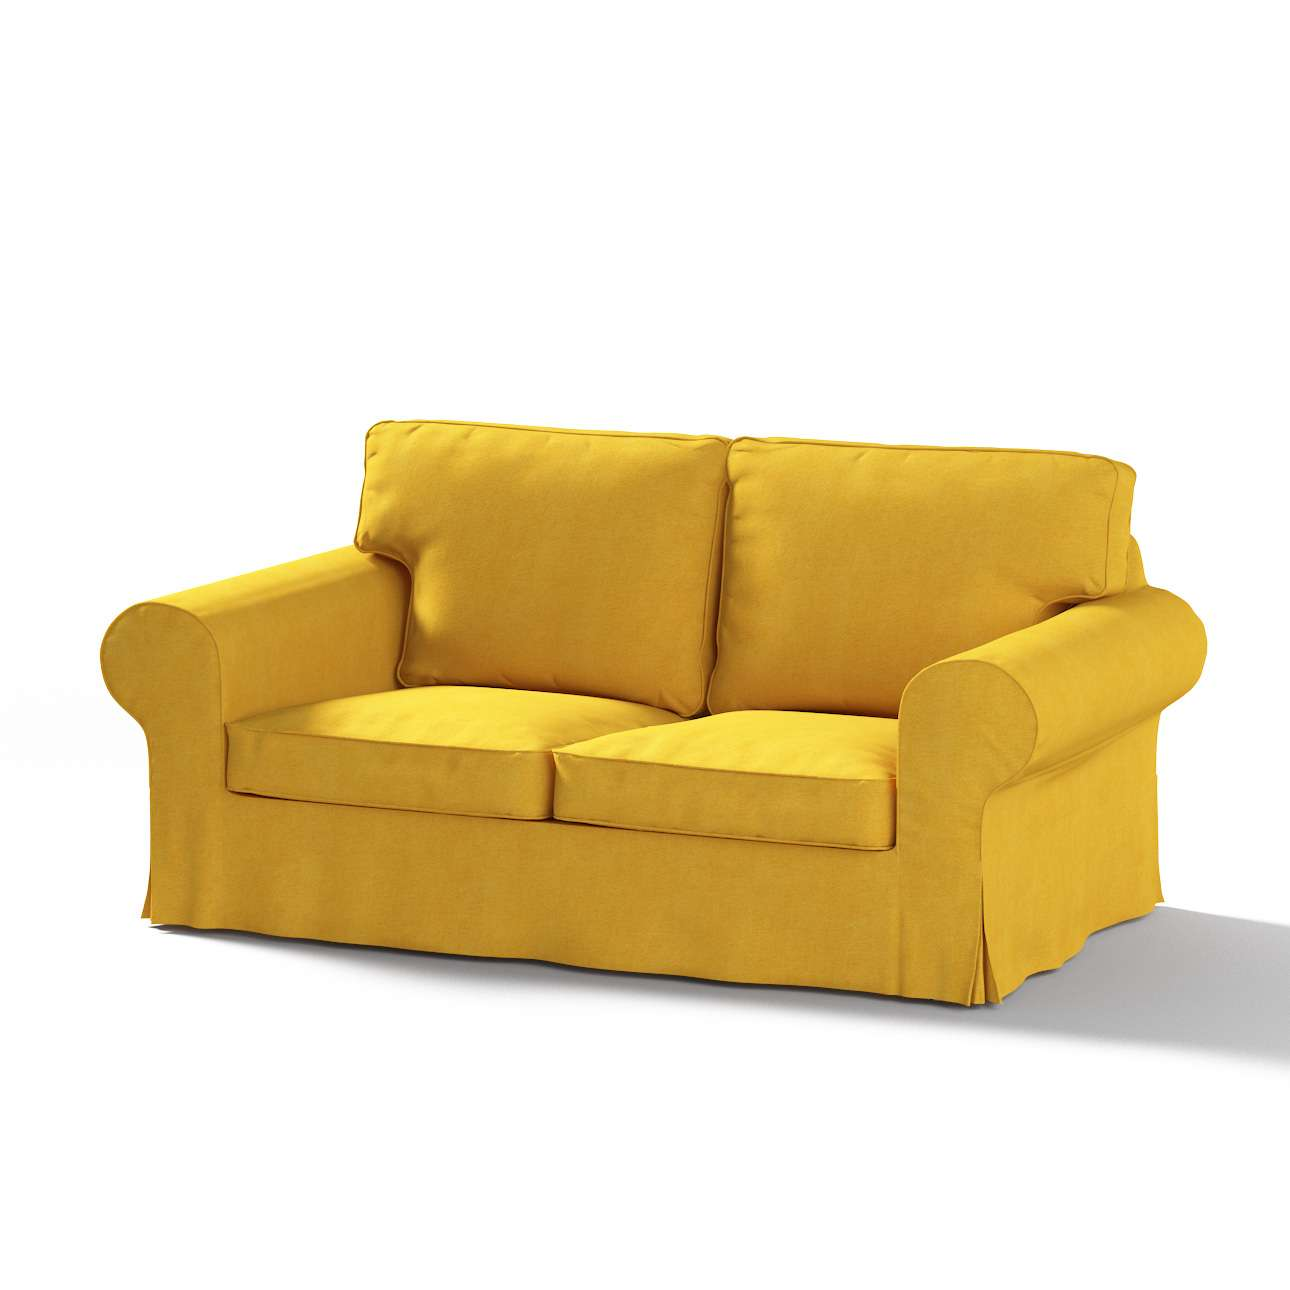 Potah na pohovku IKEA  Ektorp 2-místná, nerozkládací pohovka Ektorp 2-místná v kolekci Etna, látka: 705-04